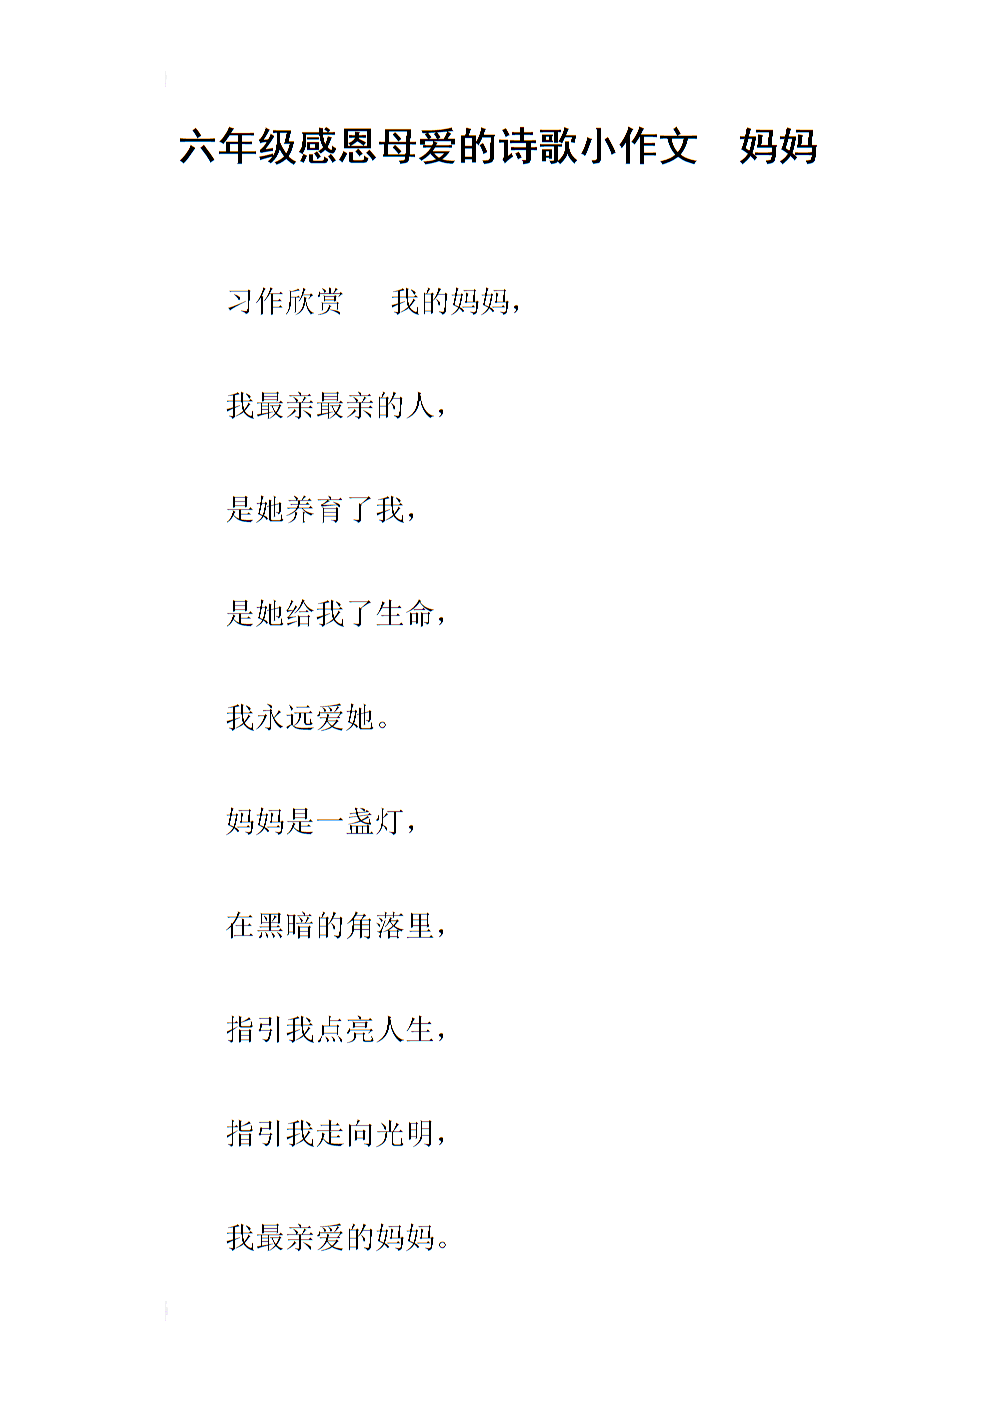 六作文感恩年味的诗歌小作文年级.docx母爱妈妈高中的浓浓图片